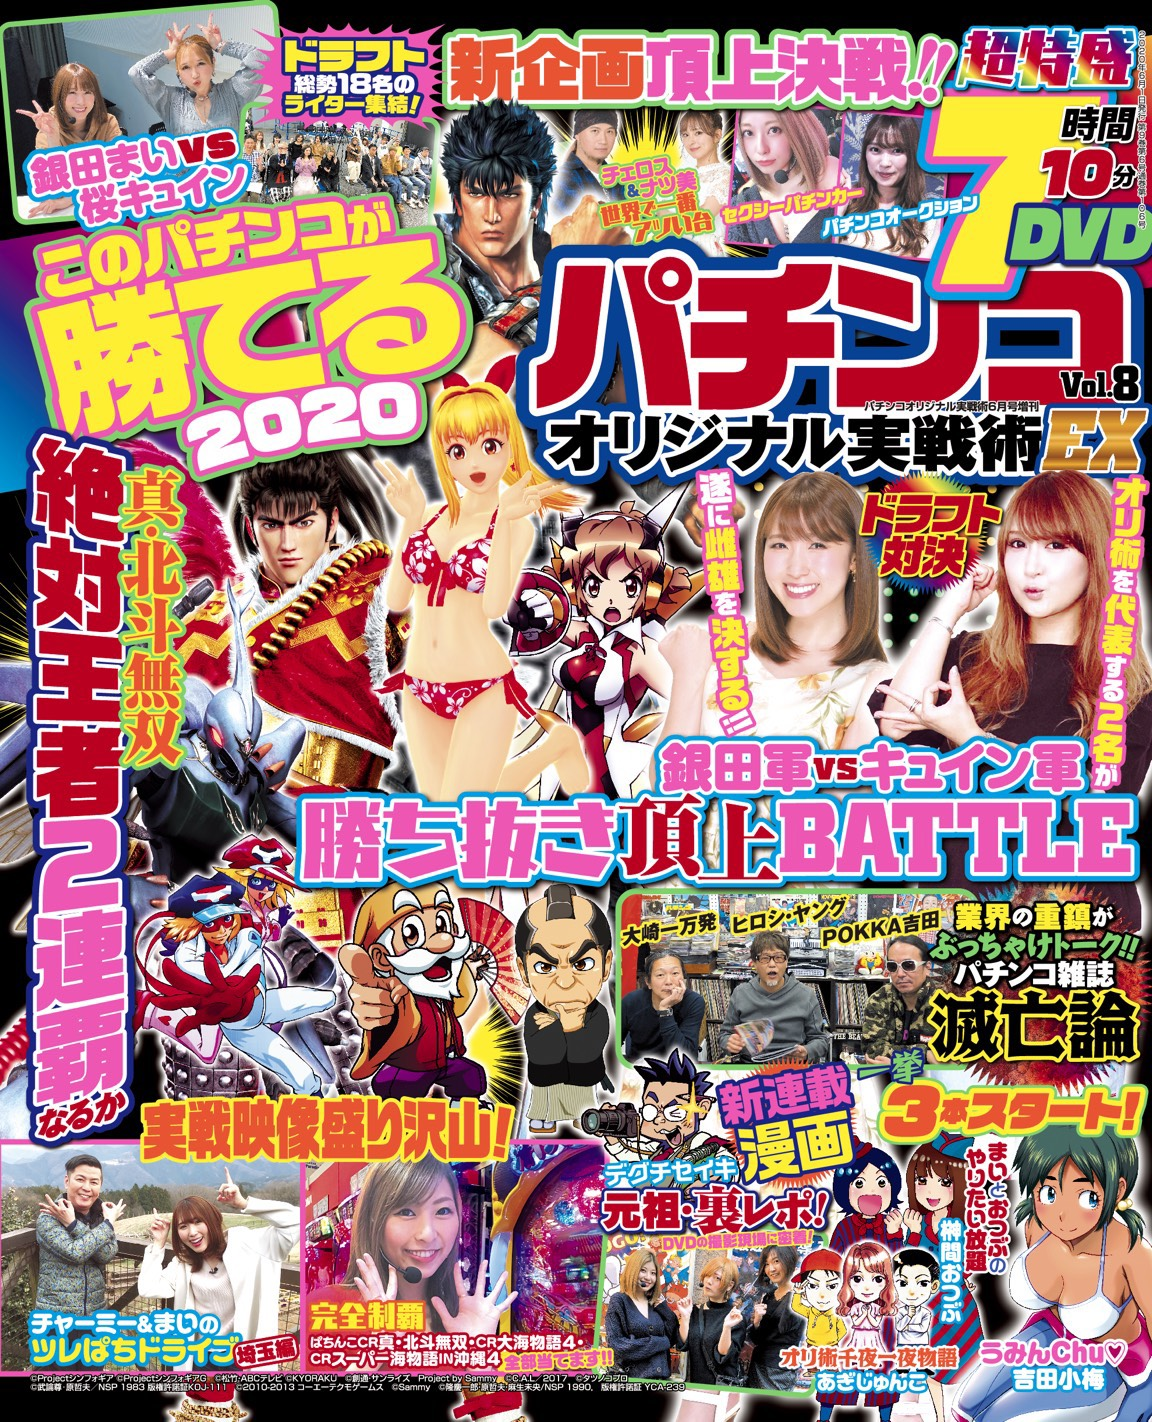 パチンコ雑誌「パチンコオリジナル実戦術EX Vol.8」